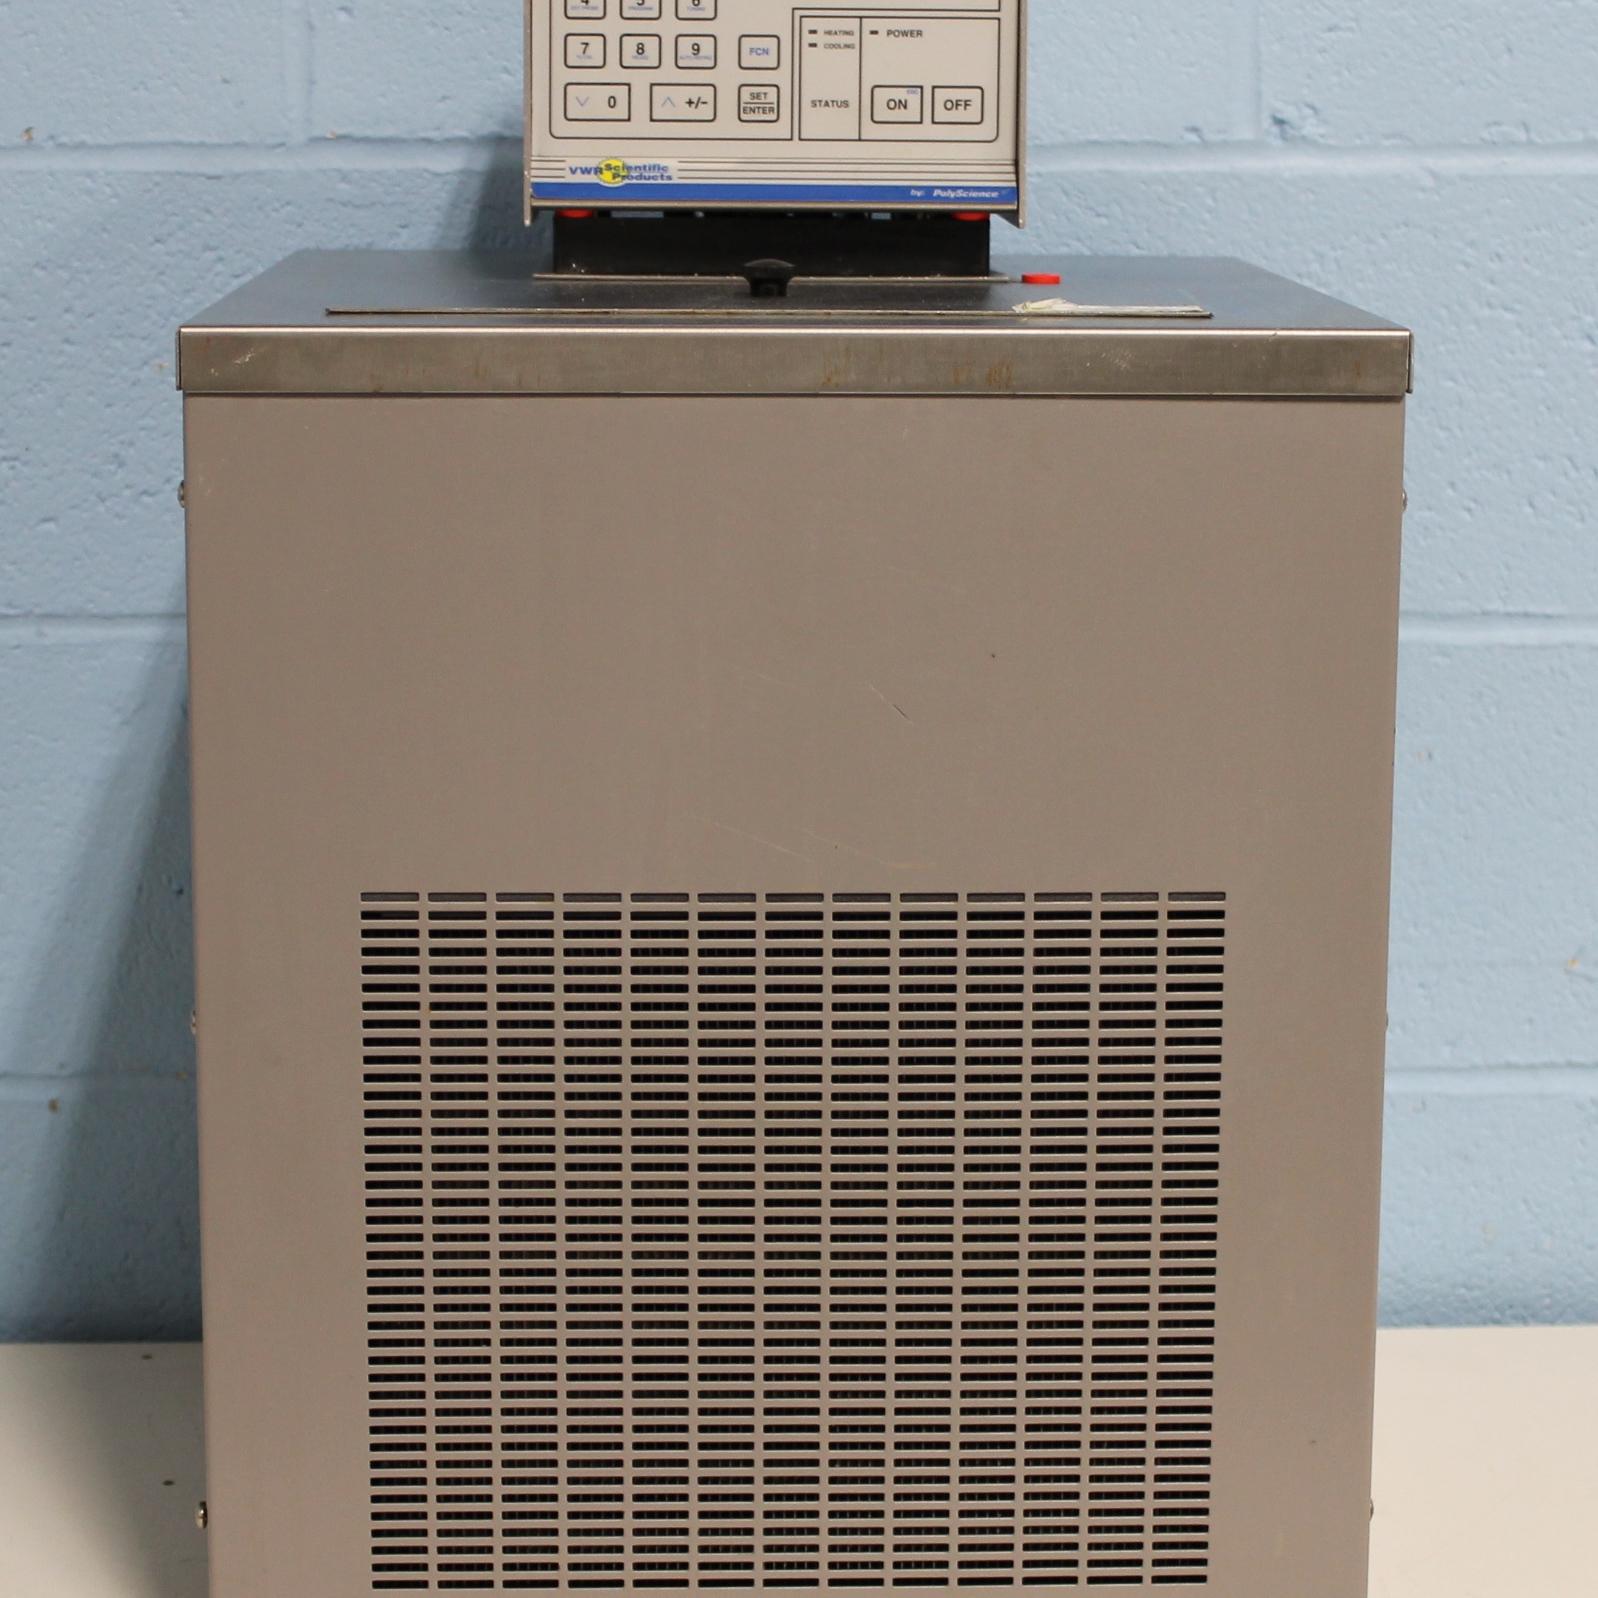 Refrigerated Circulator Model 1197P Name